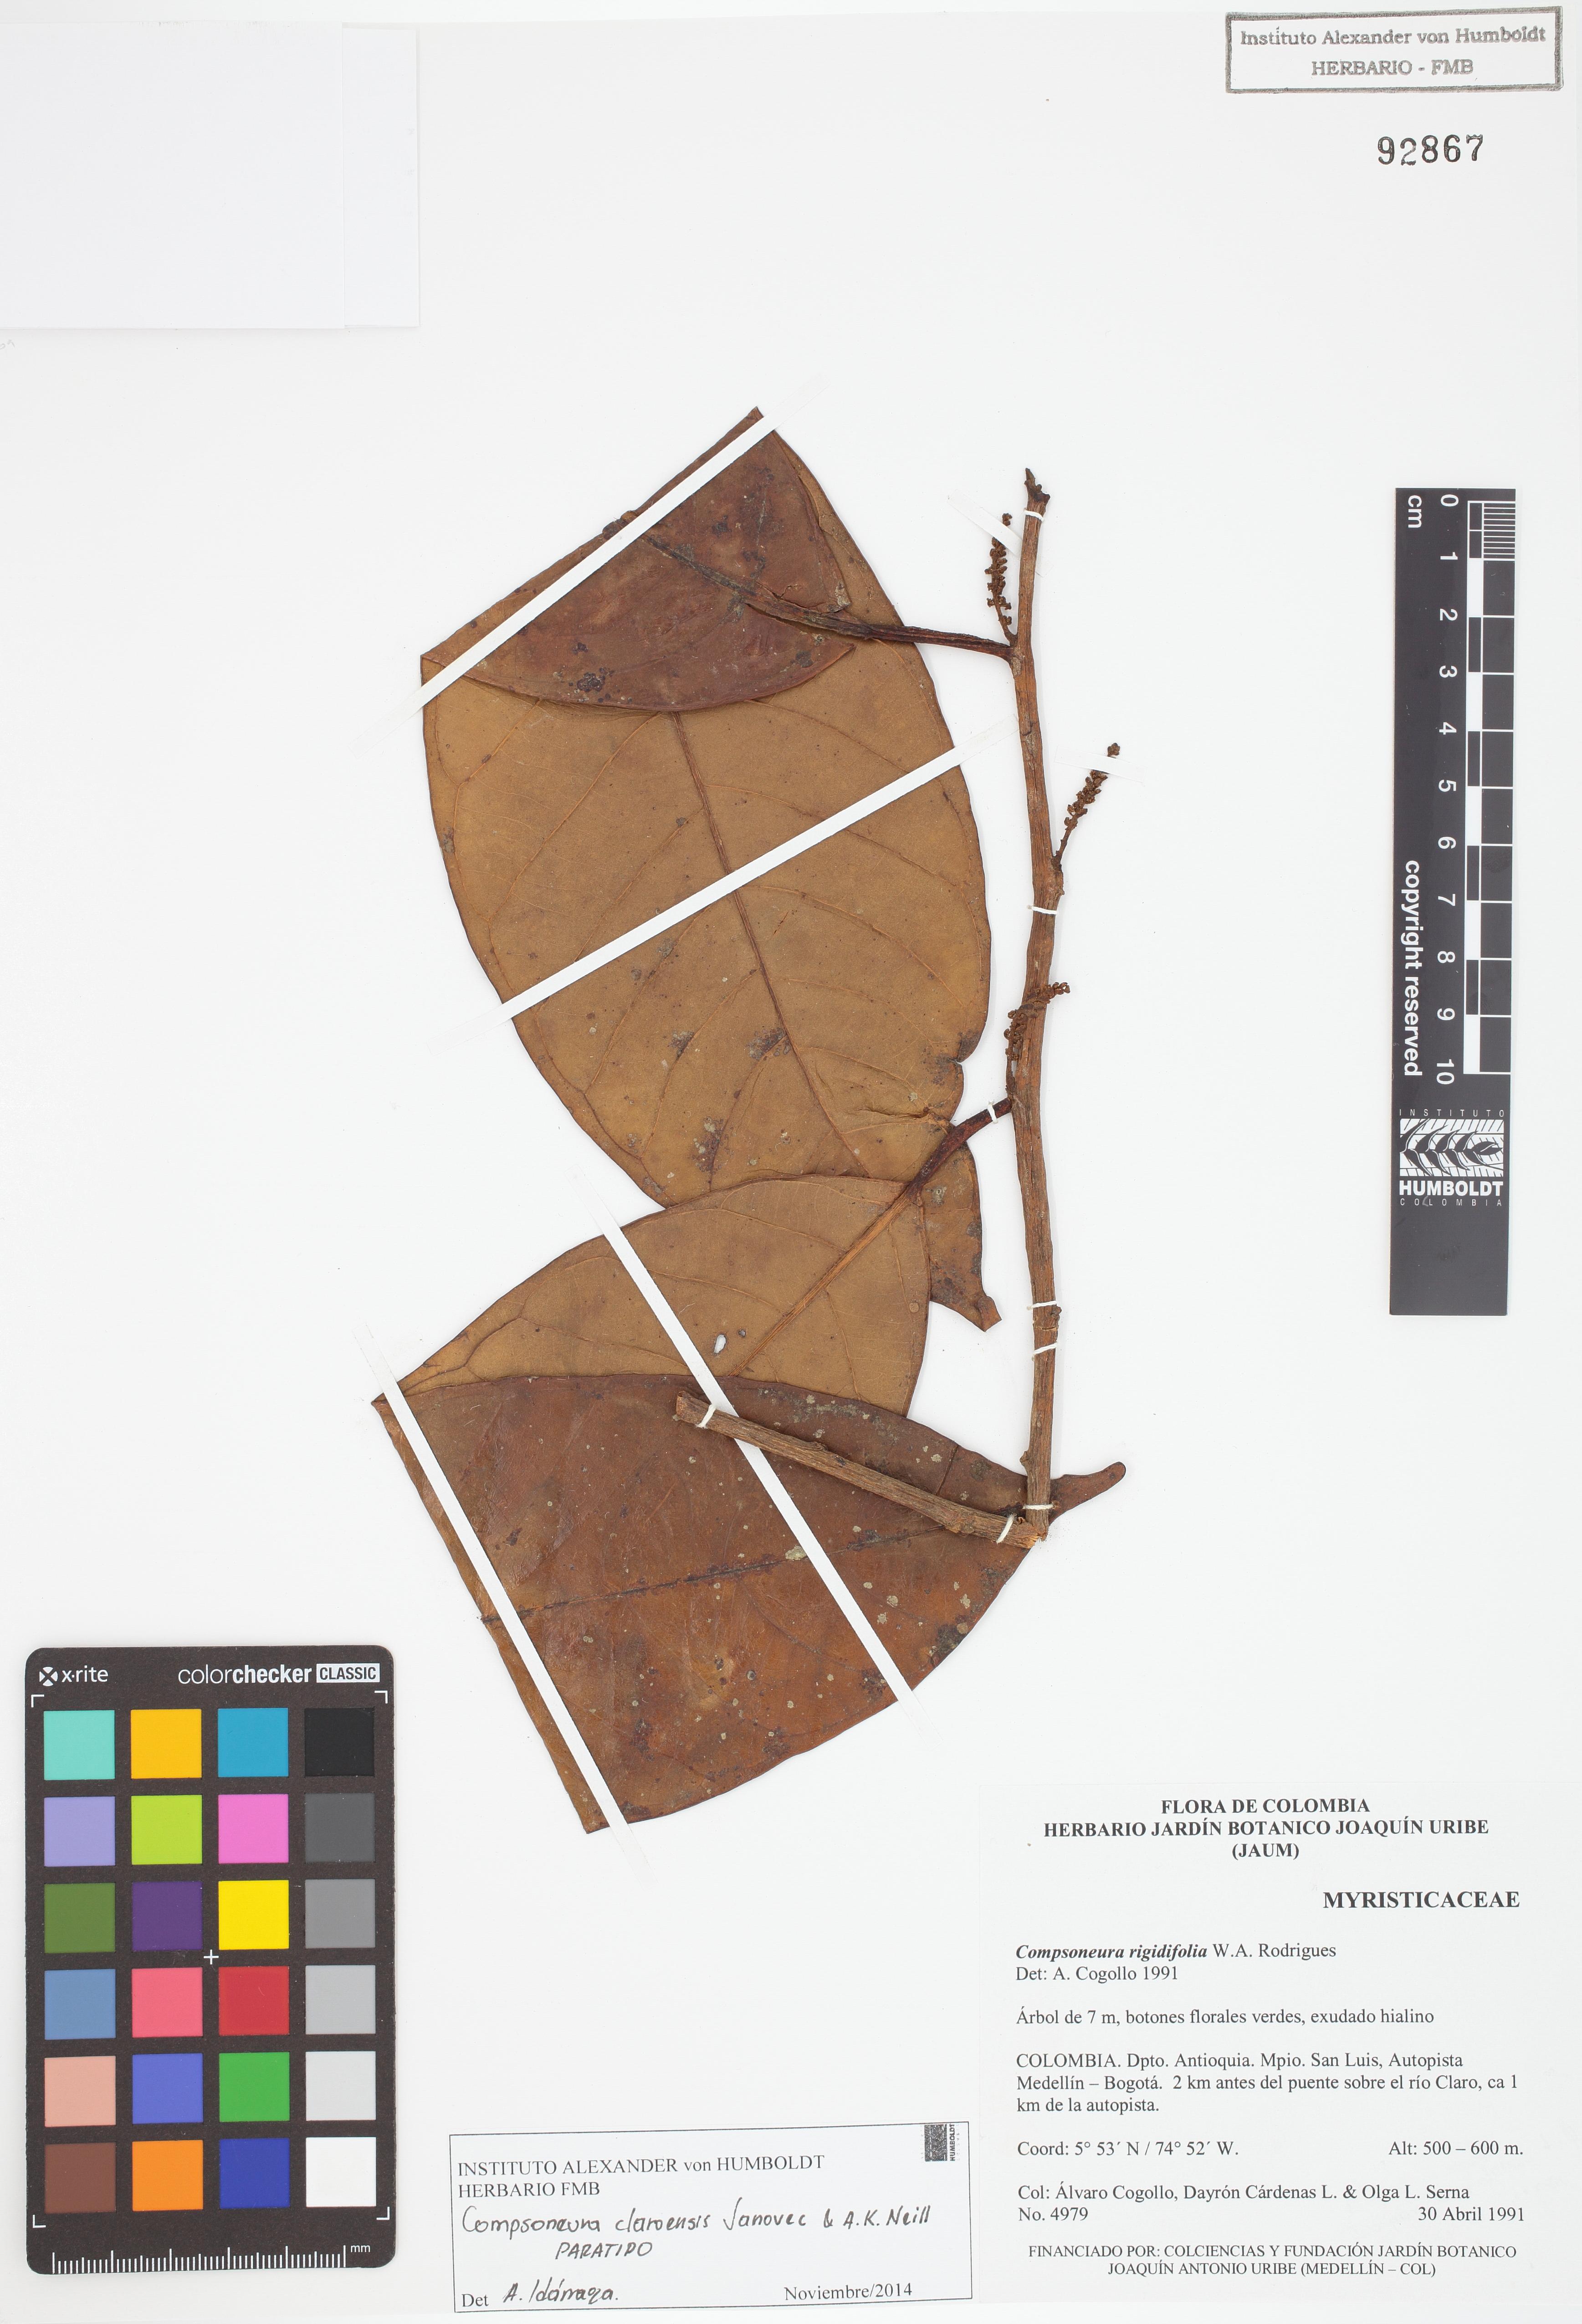 Paratipo de <em>Compsoneura claroensis</em>, FMB-92867, Fotografía por Robles A.